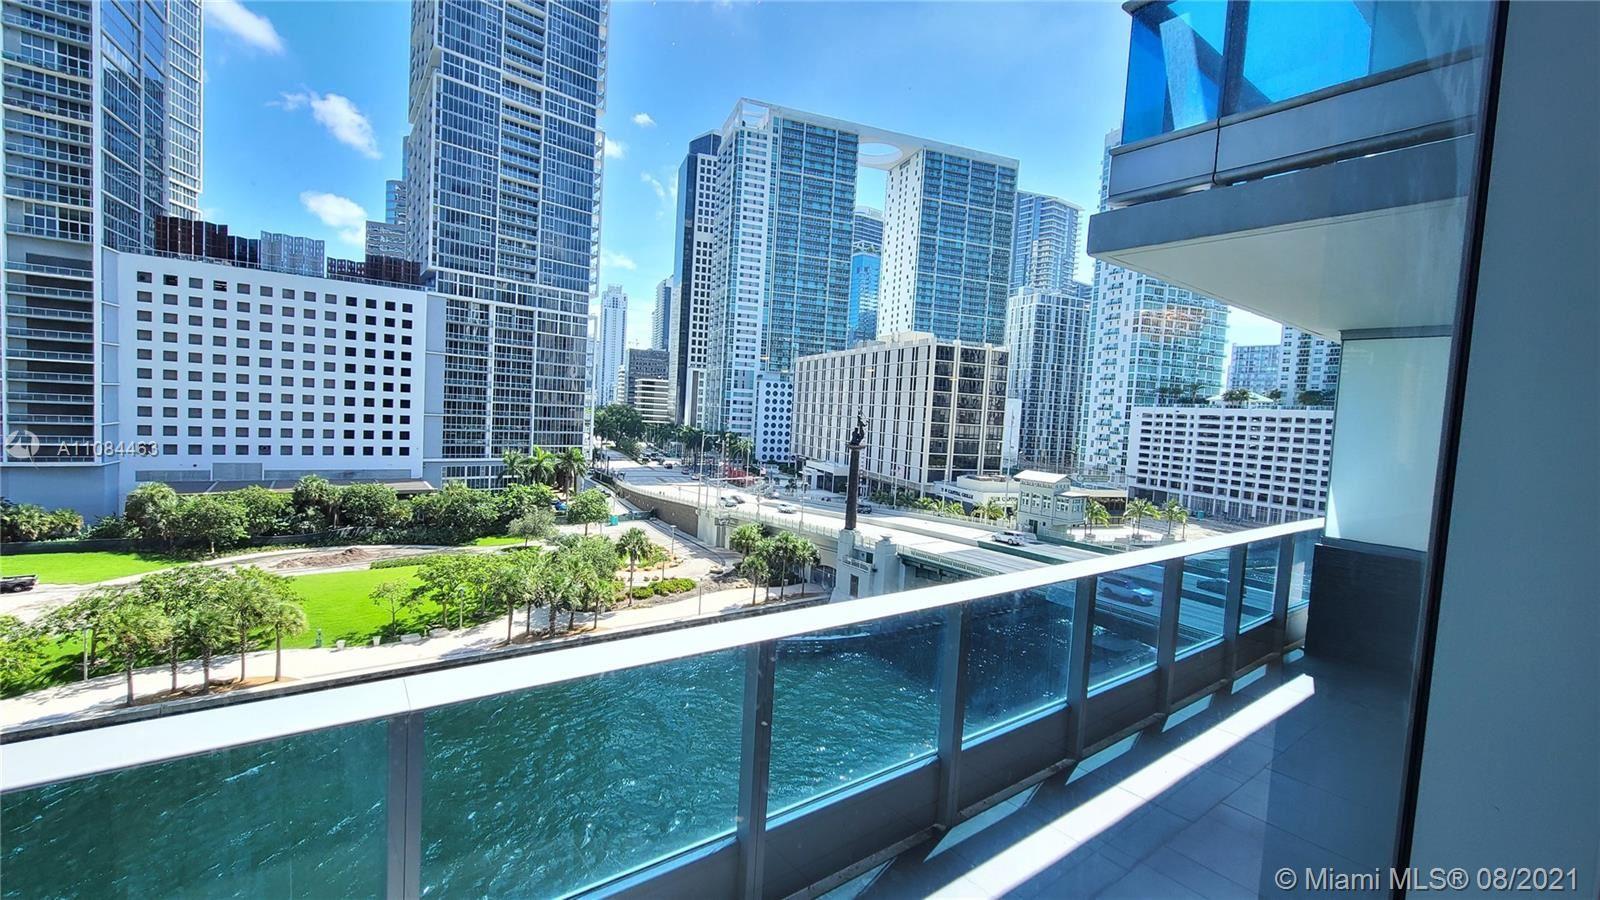 200 Biscayne Boulevard Way #707, Miami, FL 33131 - #: A11084463